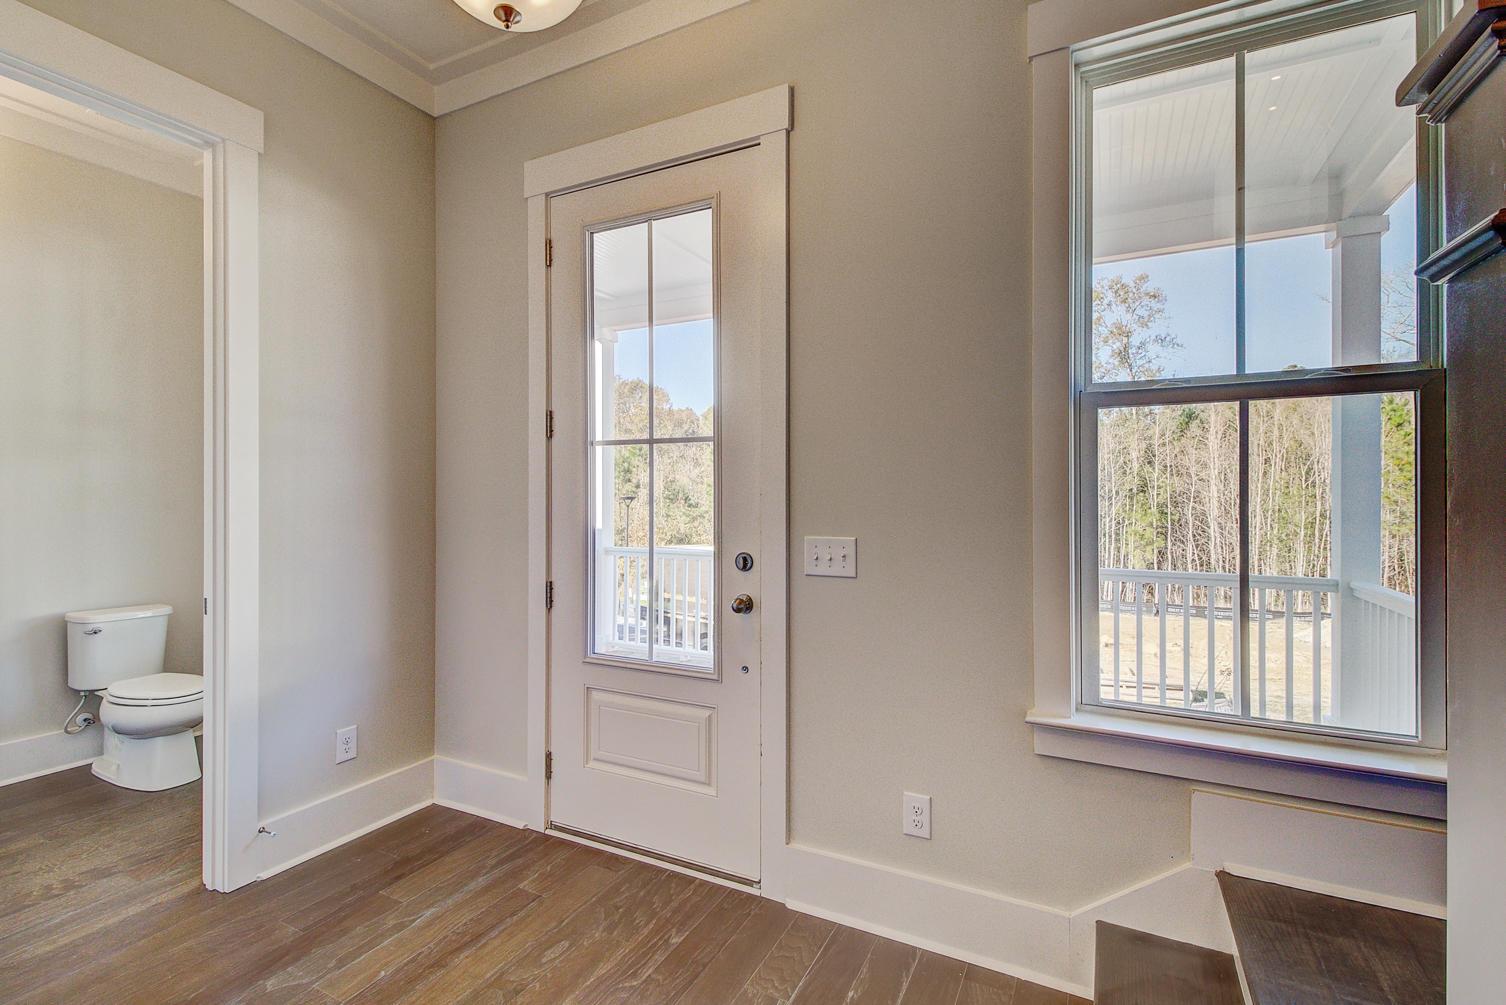 Fulton Park Homes For Sale - 2445 Giles, Mount Pleasant, SC - 28